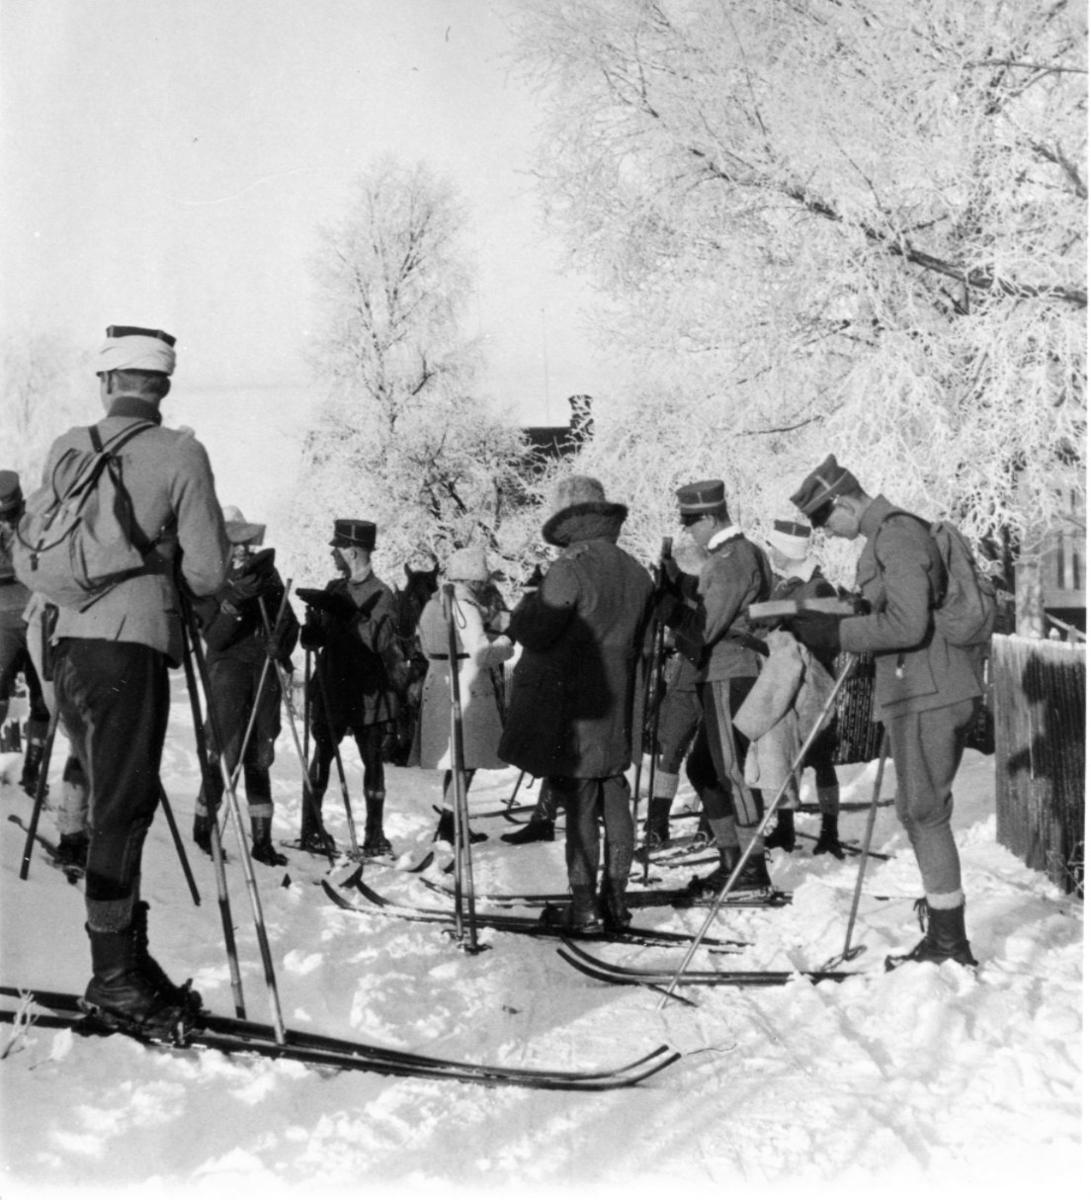 Fältövning på skidor, i Rättvik. AIHS allm. kurs.